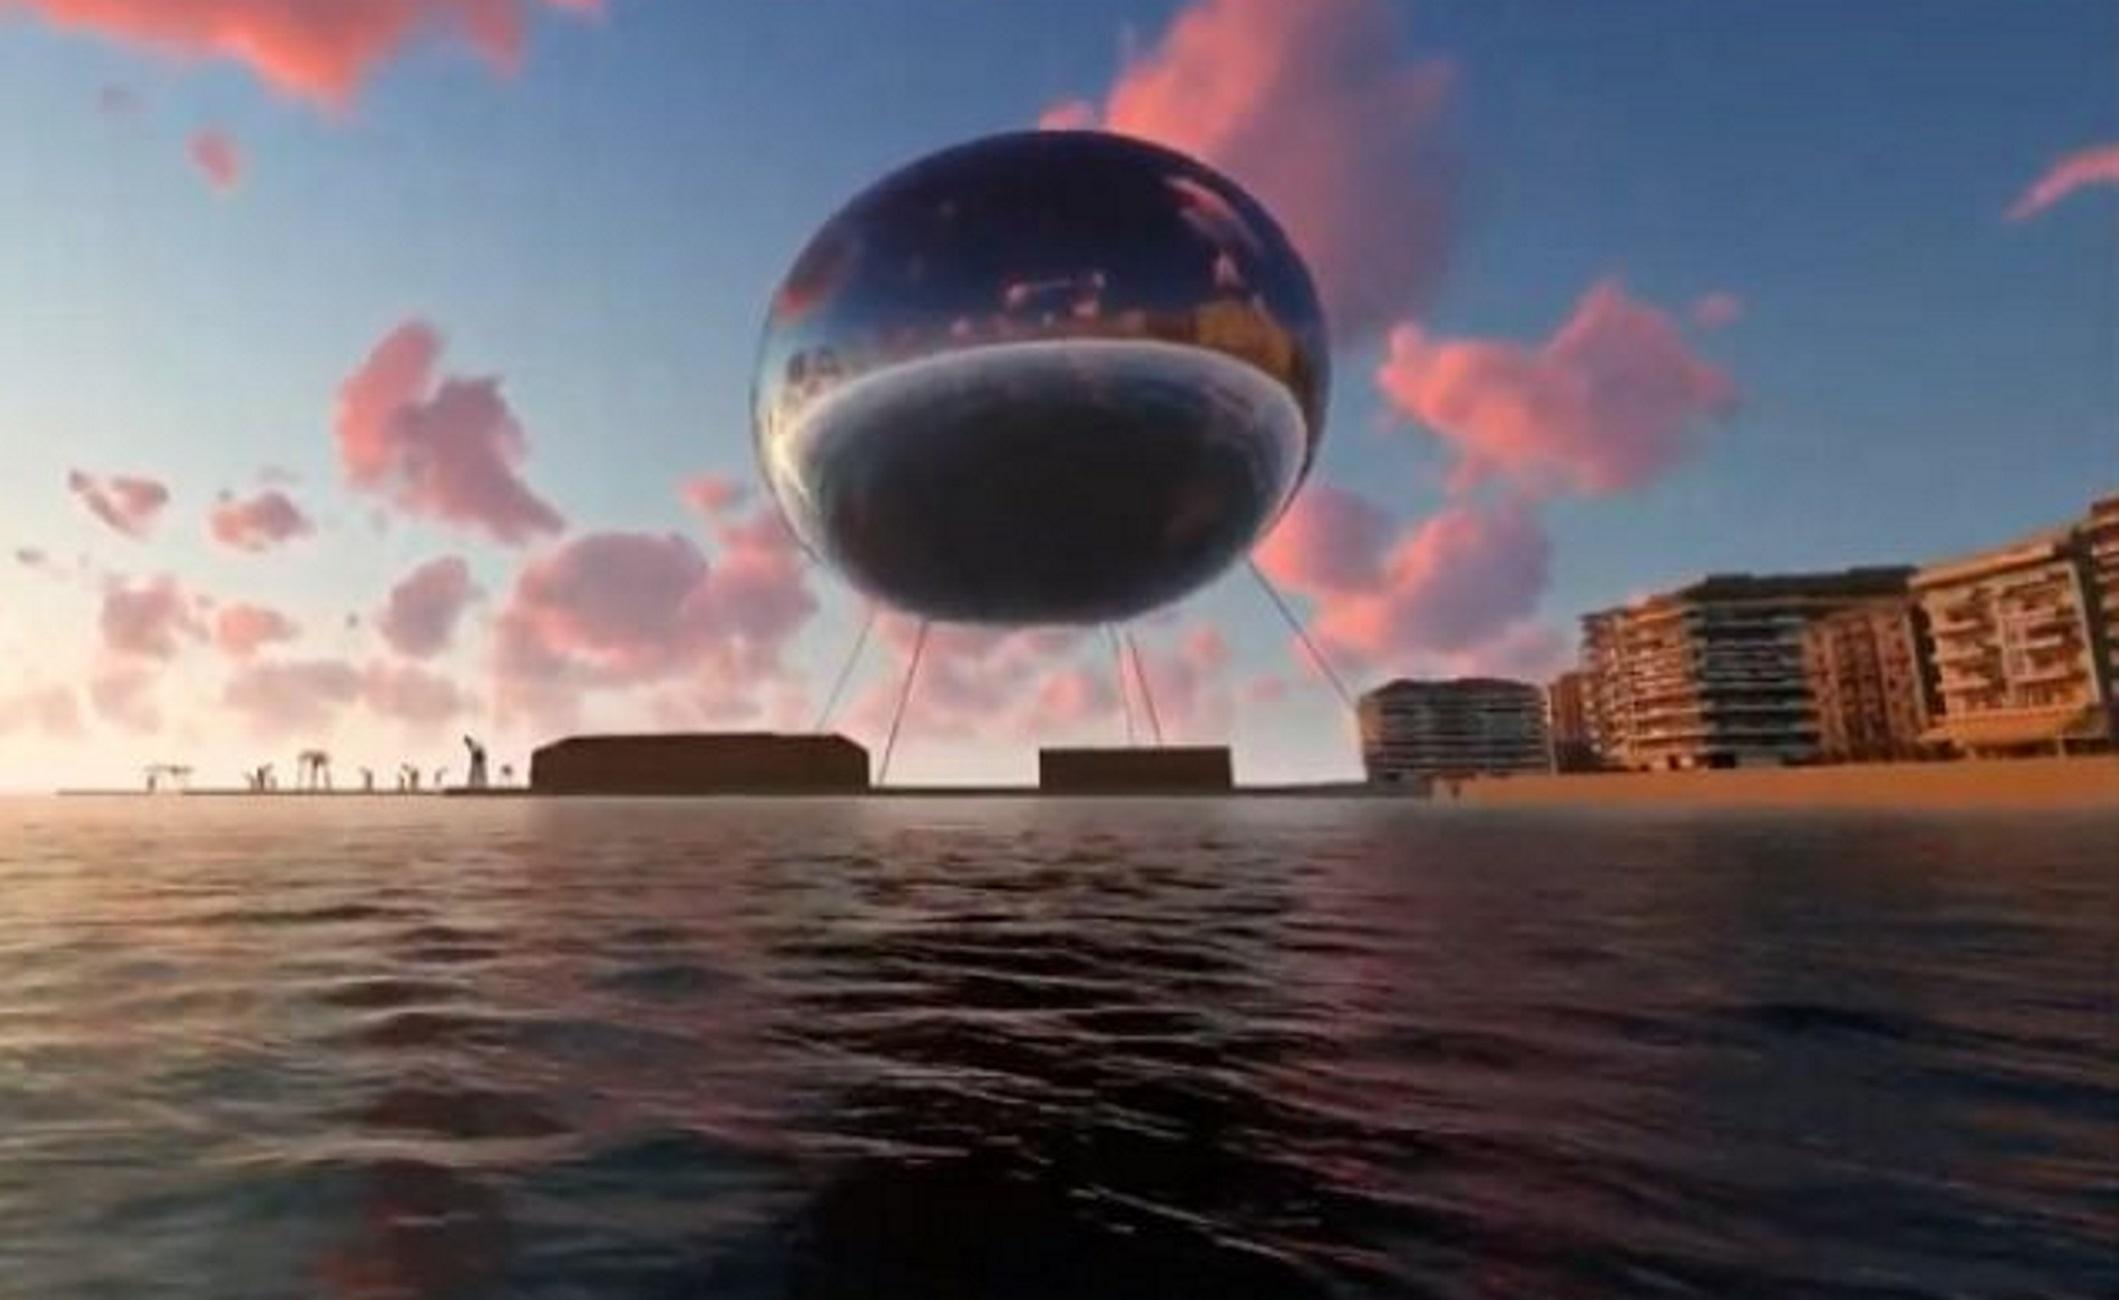 Θεσσαλονίκη: Αυτό είναι το σχέδιο για μία τεράστια σφαίρα πάνω από τον Θερμαϊκό που θα φωτίζει την πόλη [video]